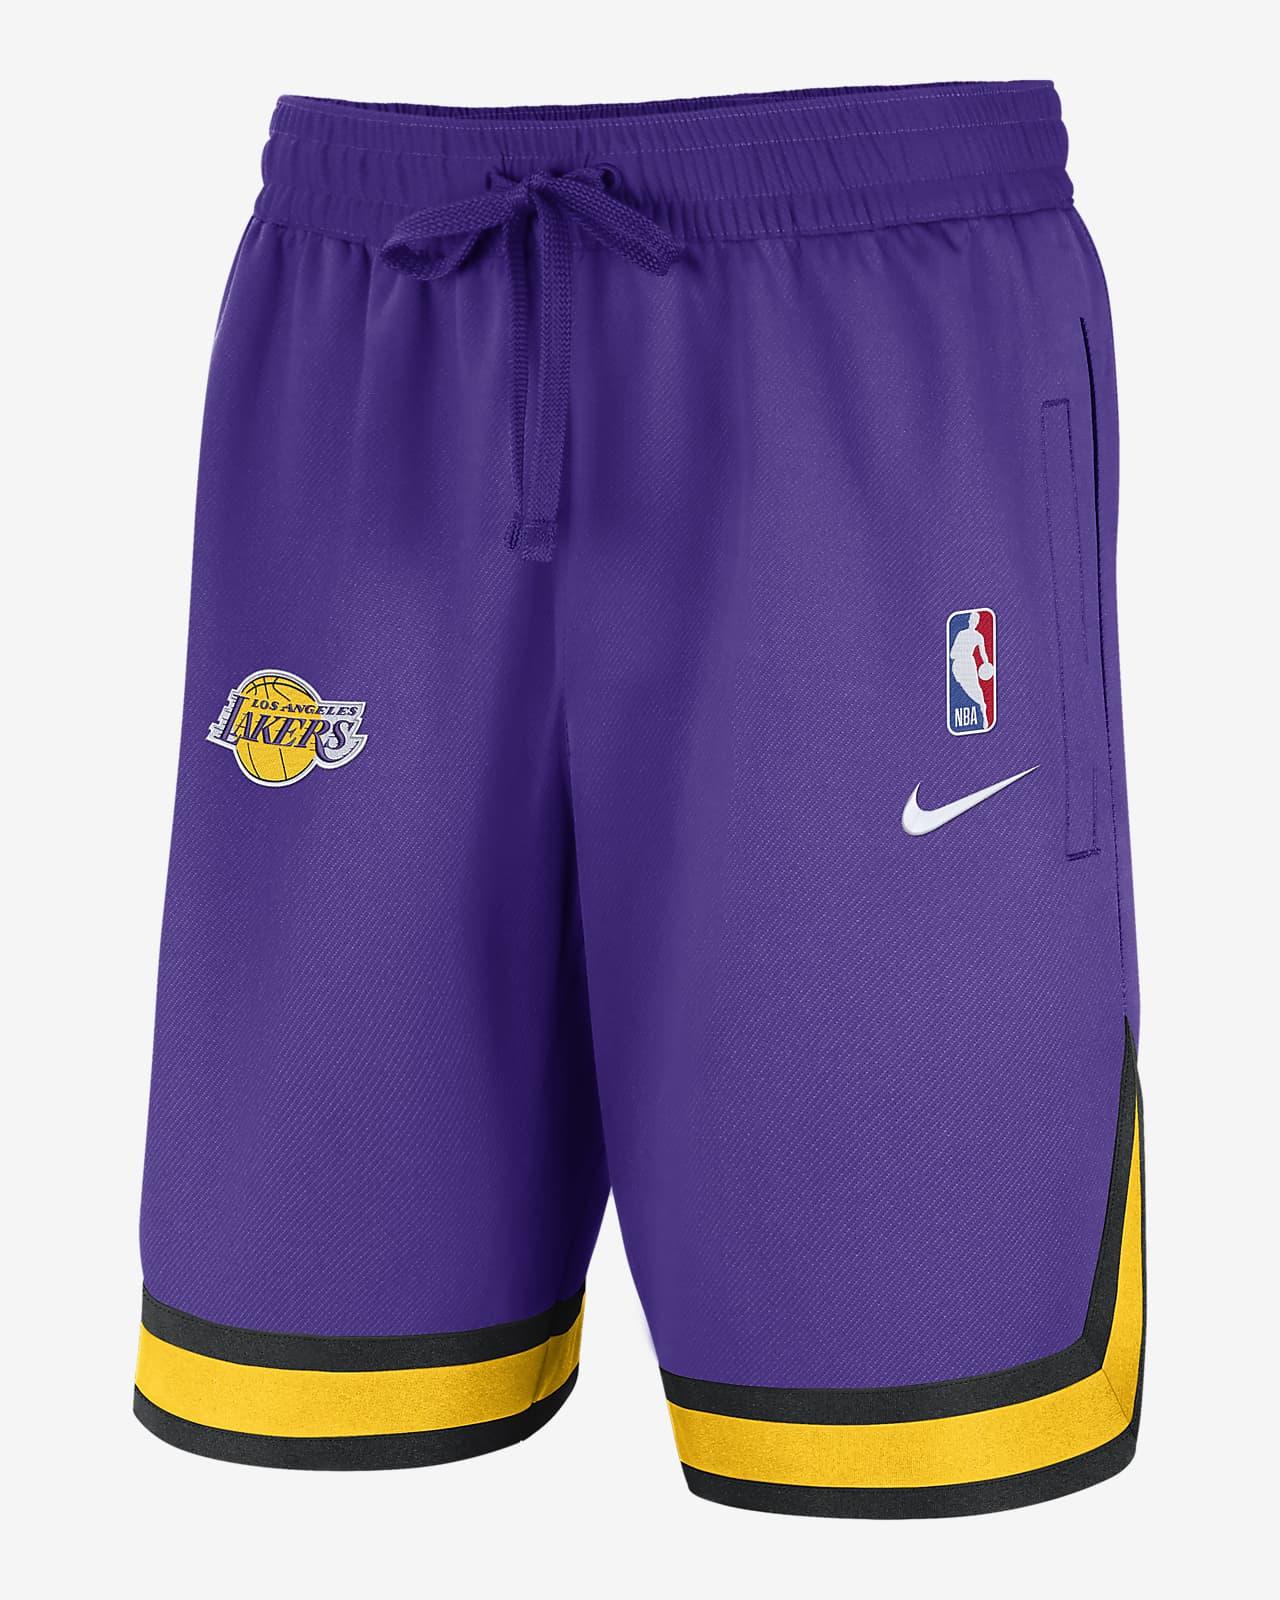 洛杉矶湖人队 Nike Therma Flex NBA 男子短裤